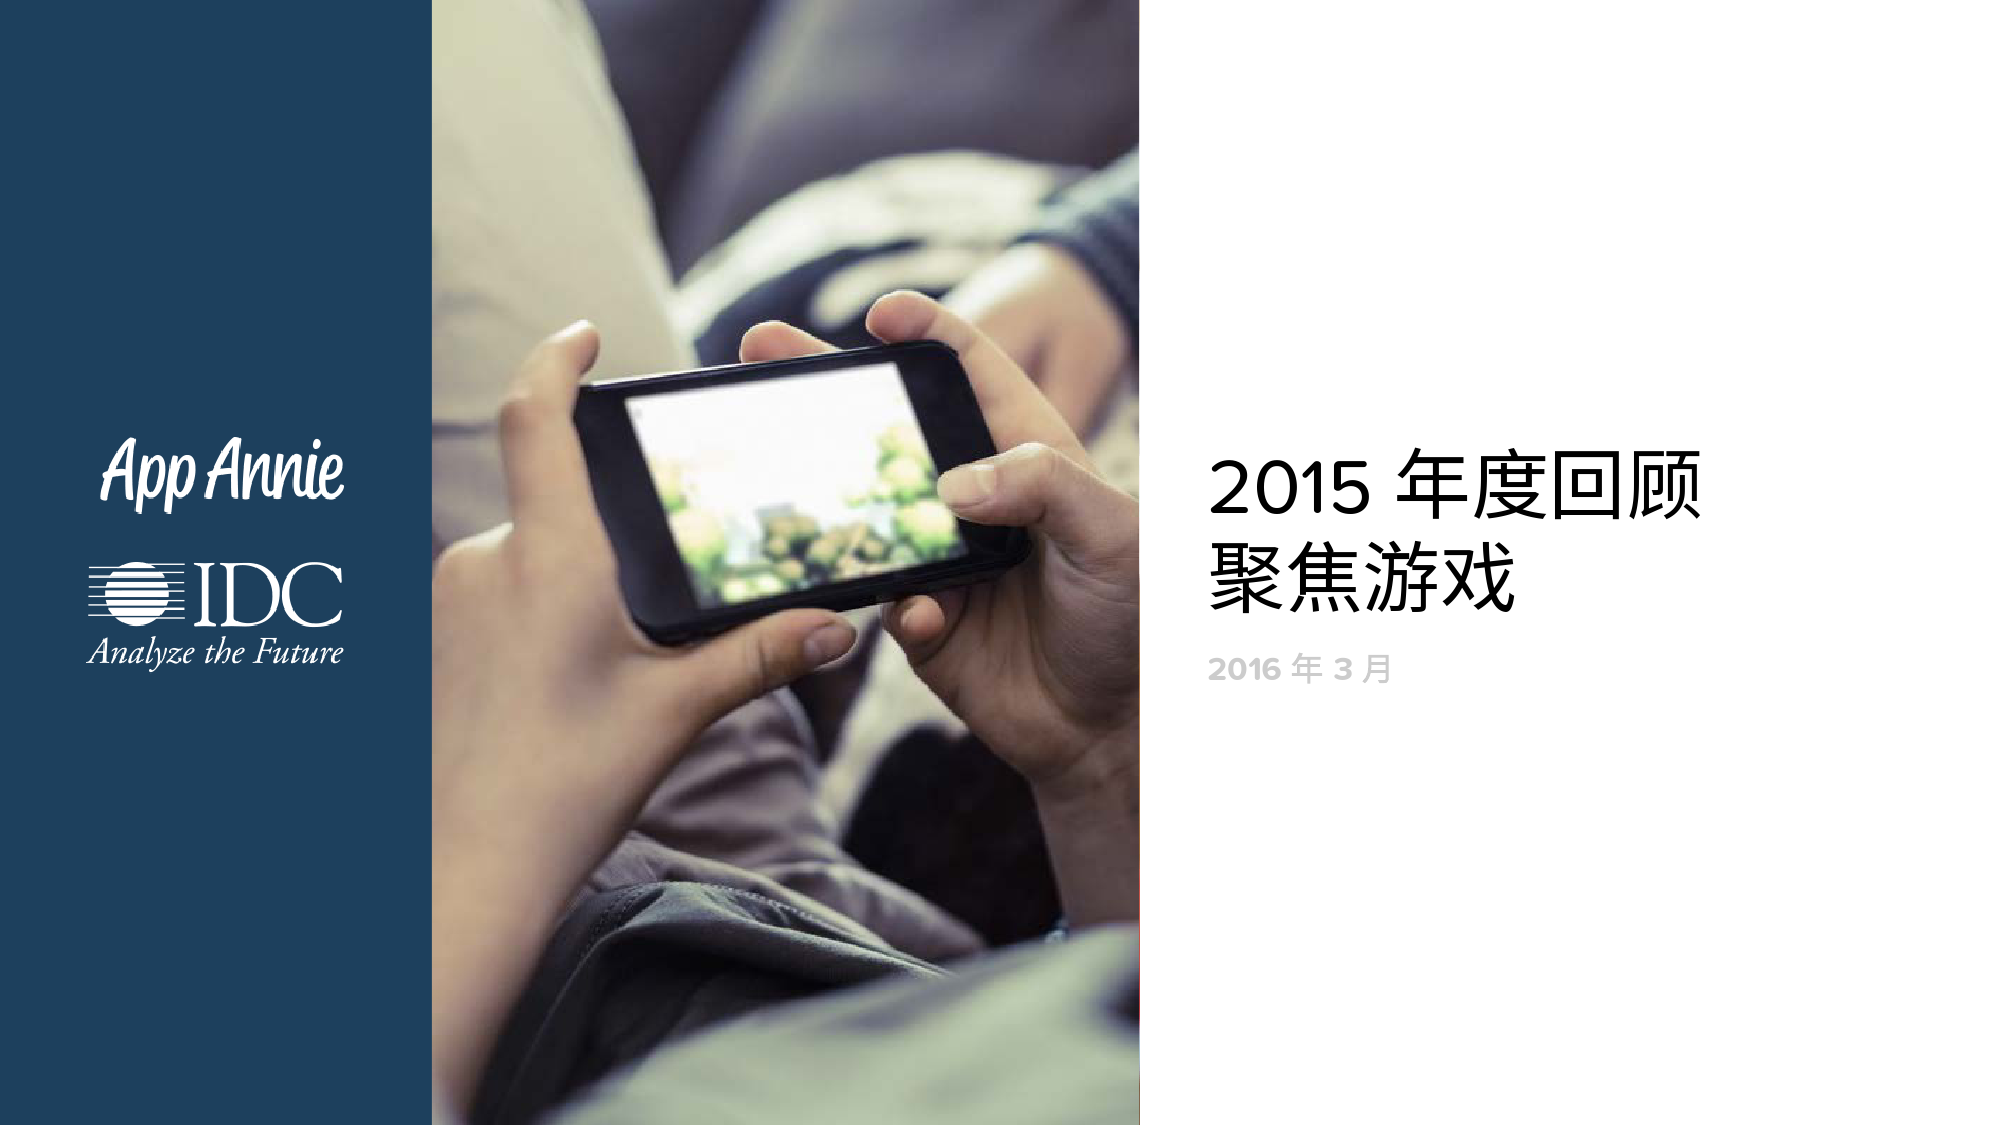 2015 年度回顾:聚焦游戏_000001